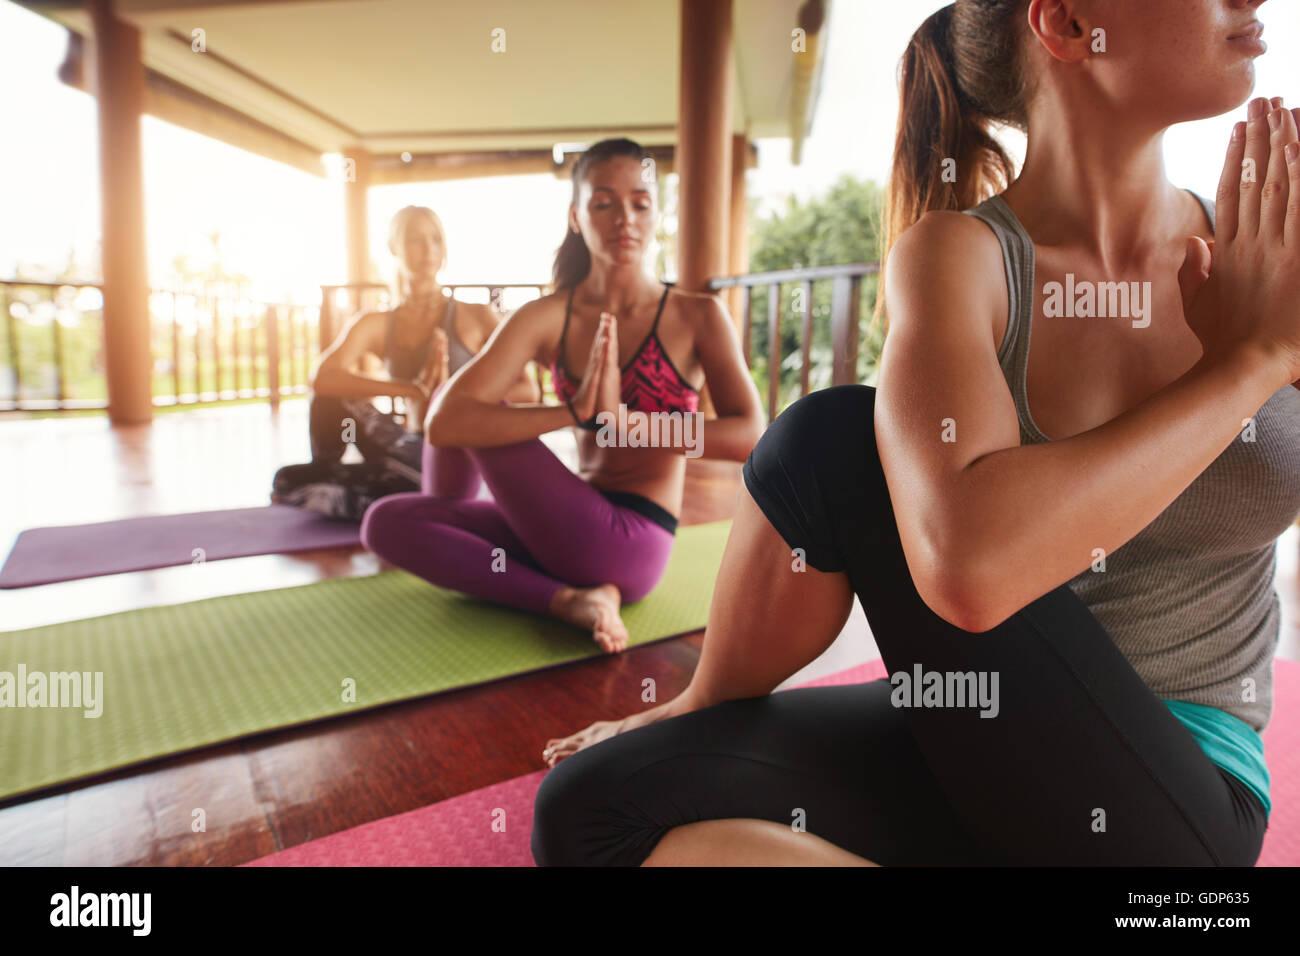 Foto de grupo de jóvenes practicando yoga en torcer la columna vertebral posan con sus manos juntas. Ardha Imagen De Stock